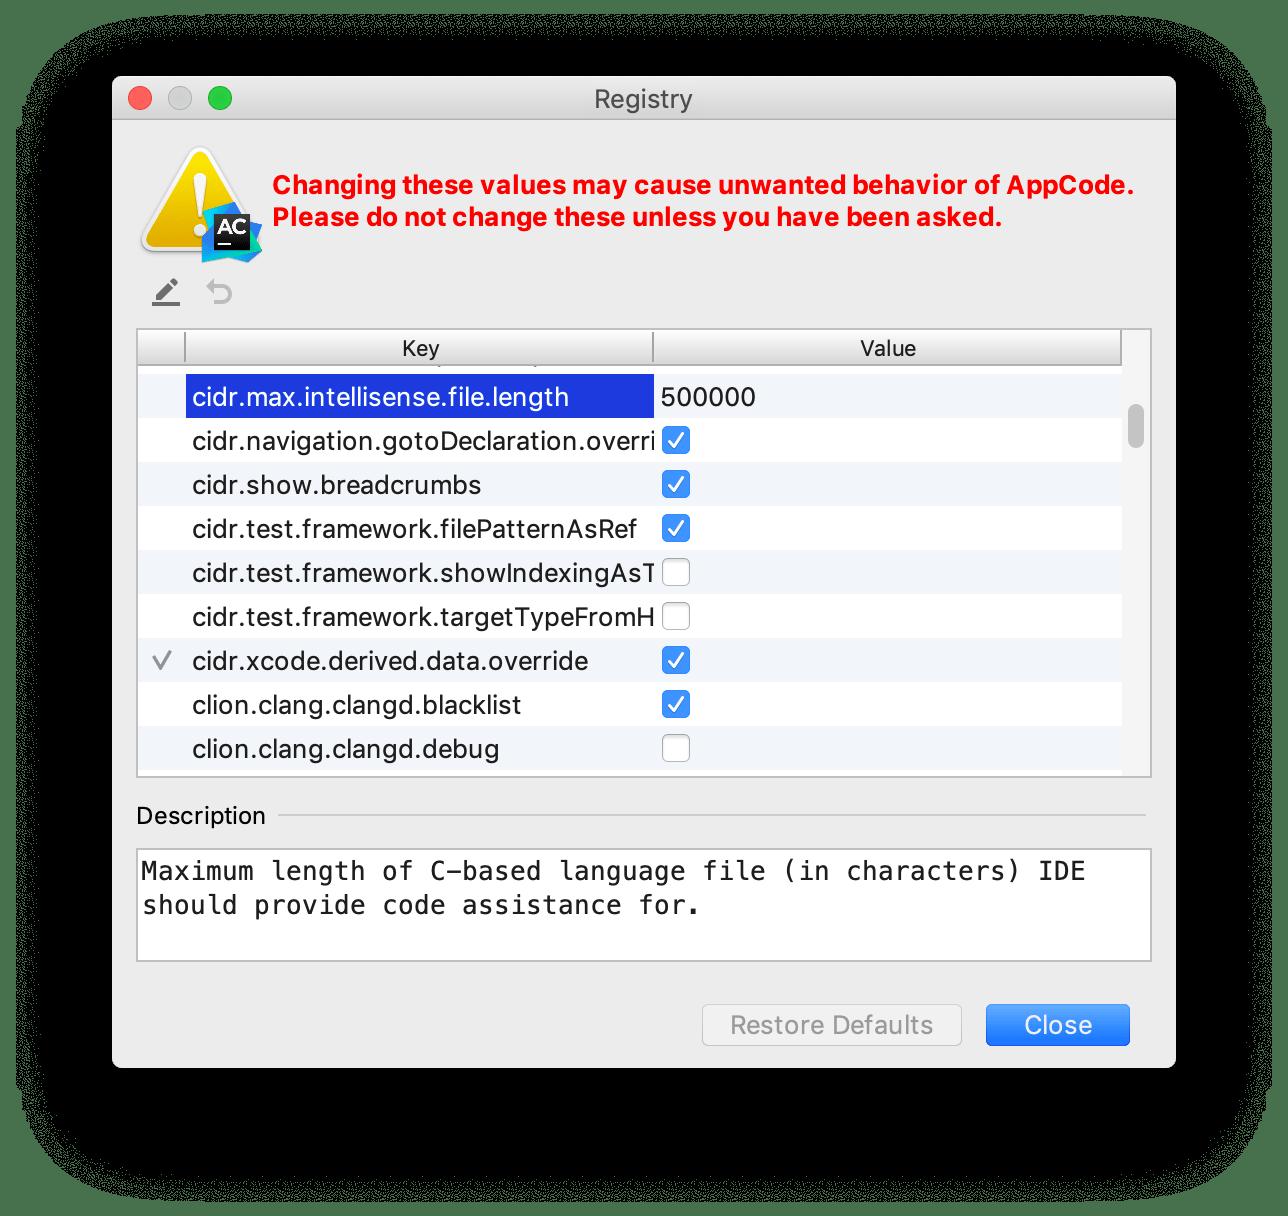 Change file size limit in Registry